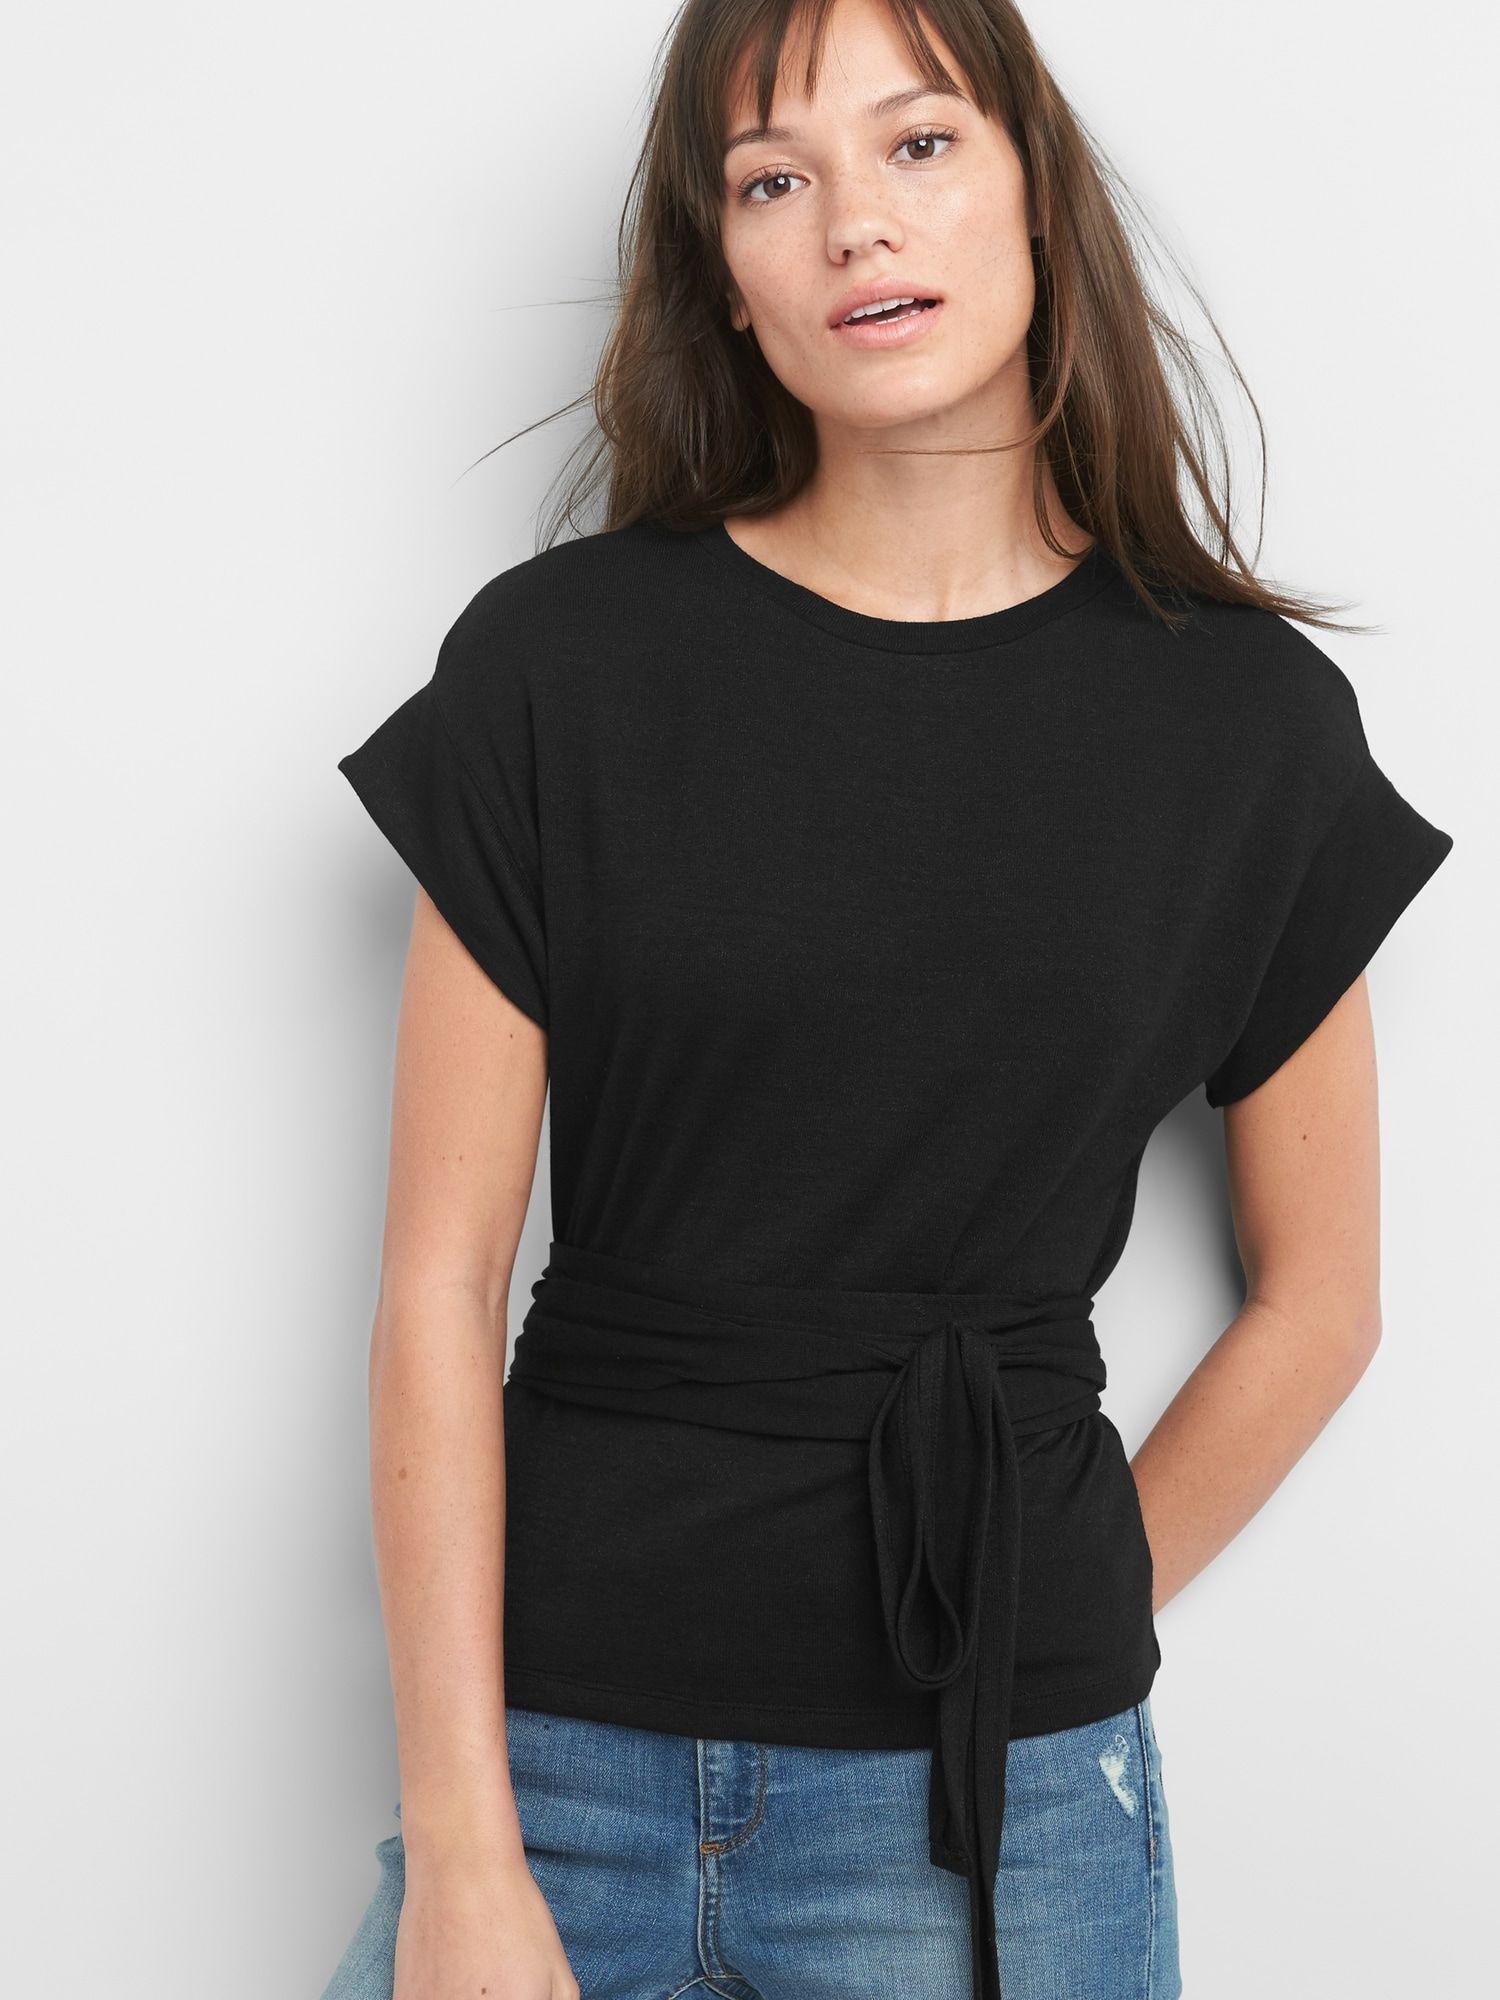 d197bec6b96fd Softspun Short Sleeve Wrap-Belt Top